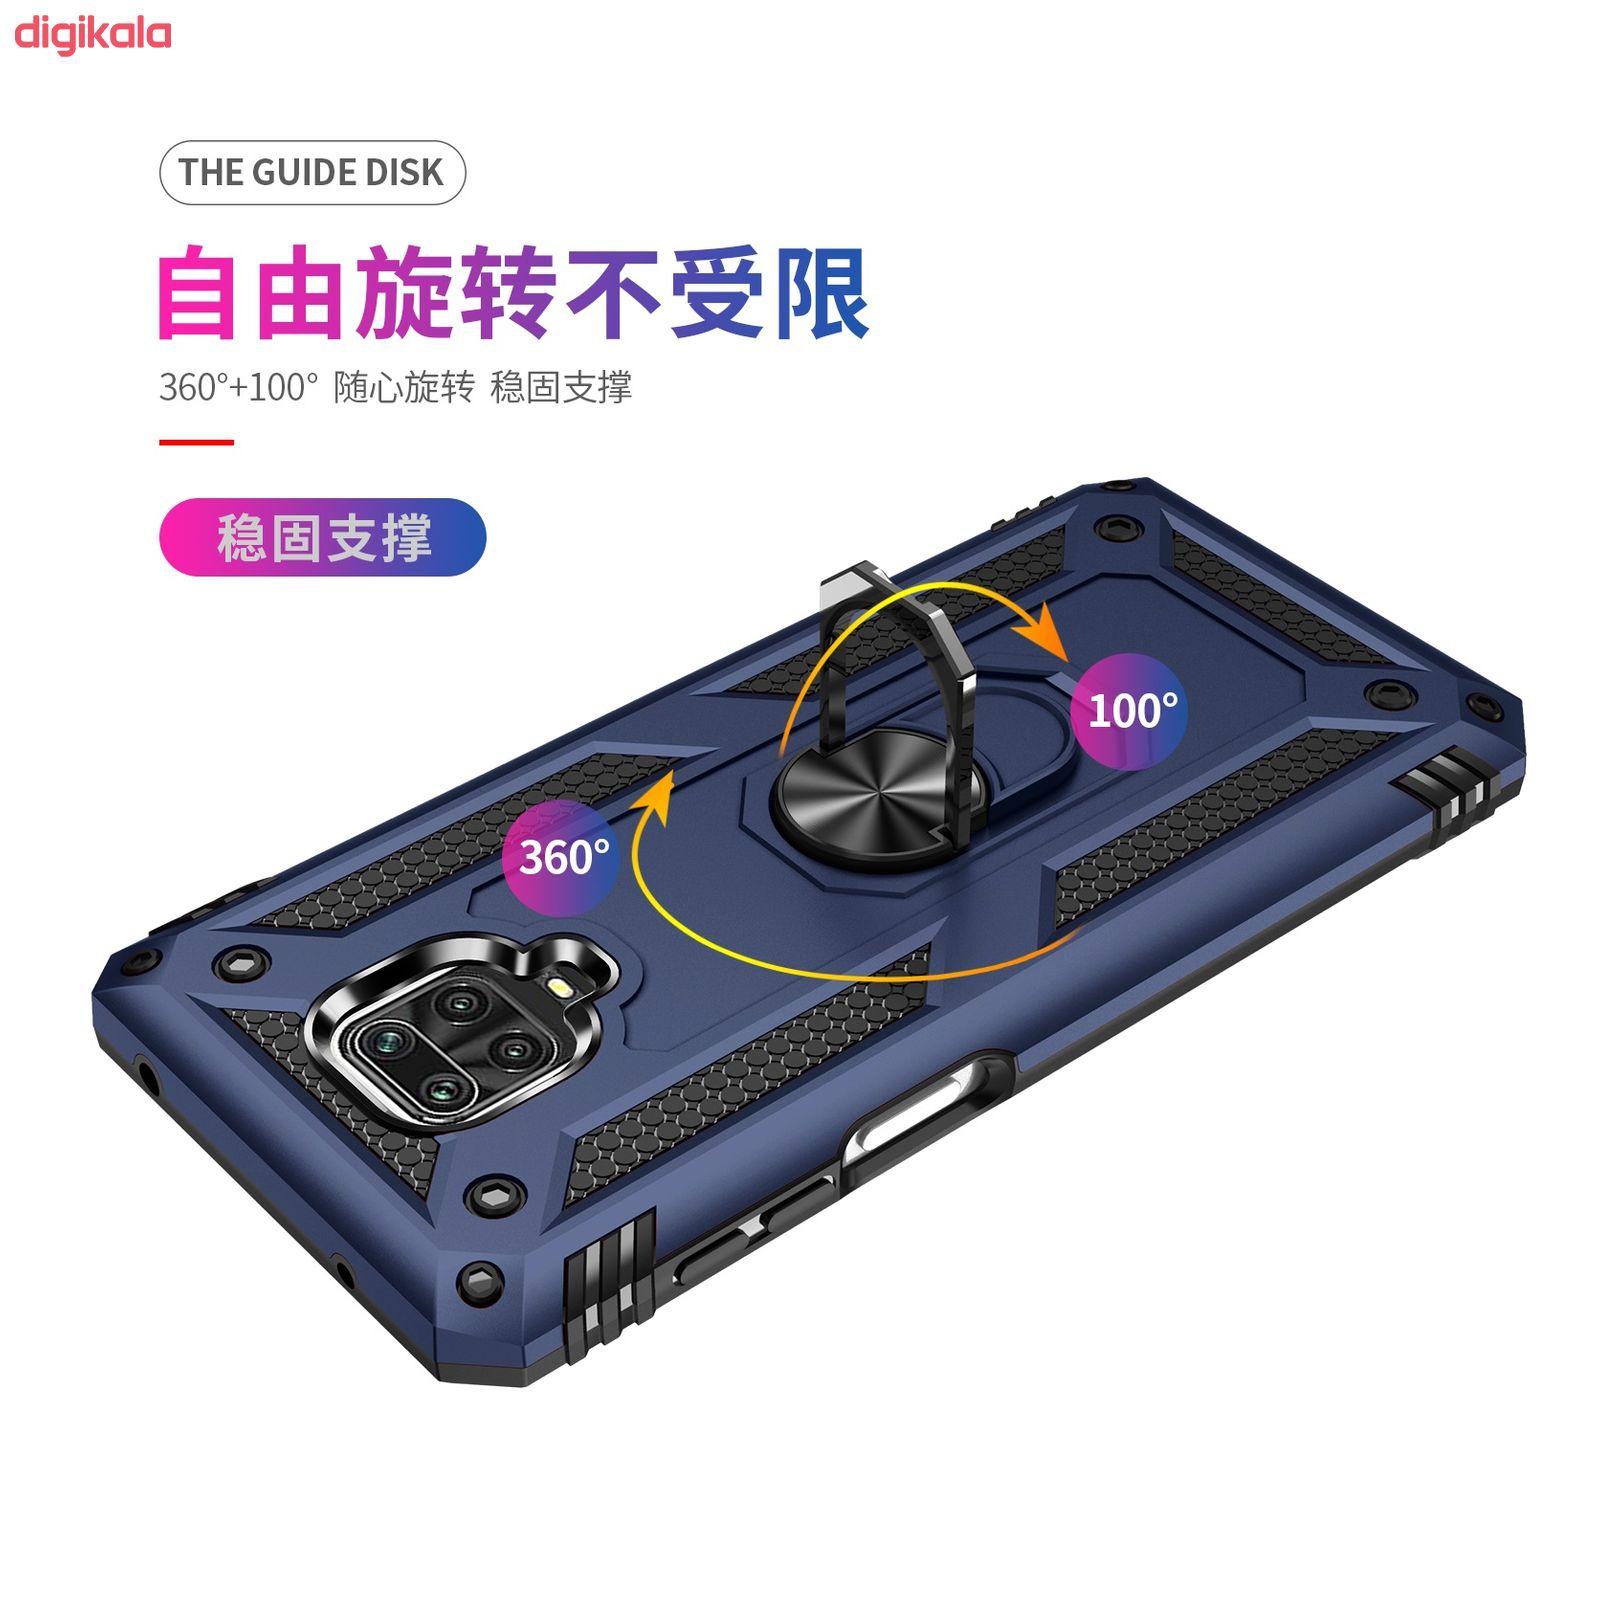 کاور آرمور مدل AR-2650 مناسب برای گوشی موبایل شیائومی Redmi Note 9s / Note 9 Pro main 1 6